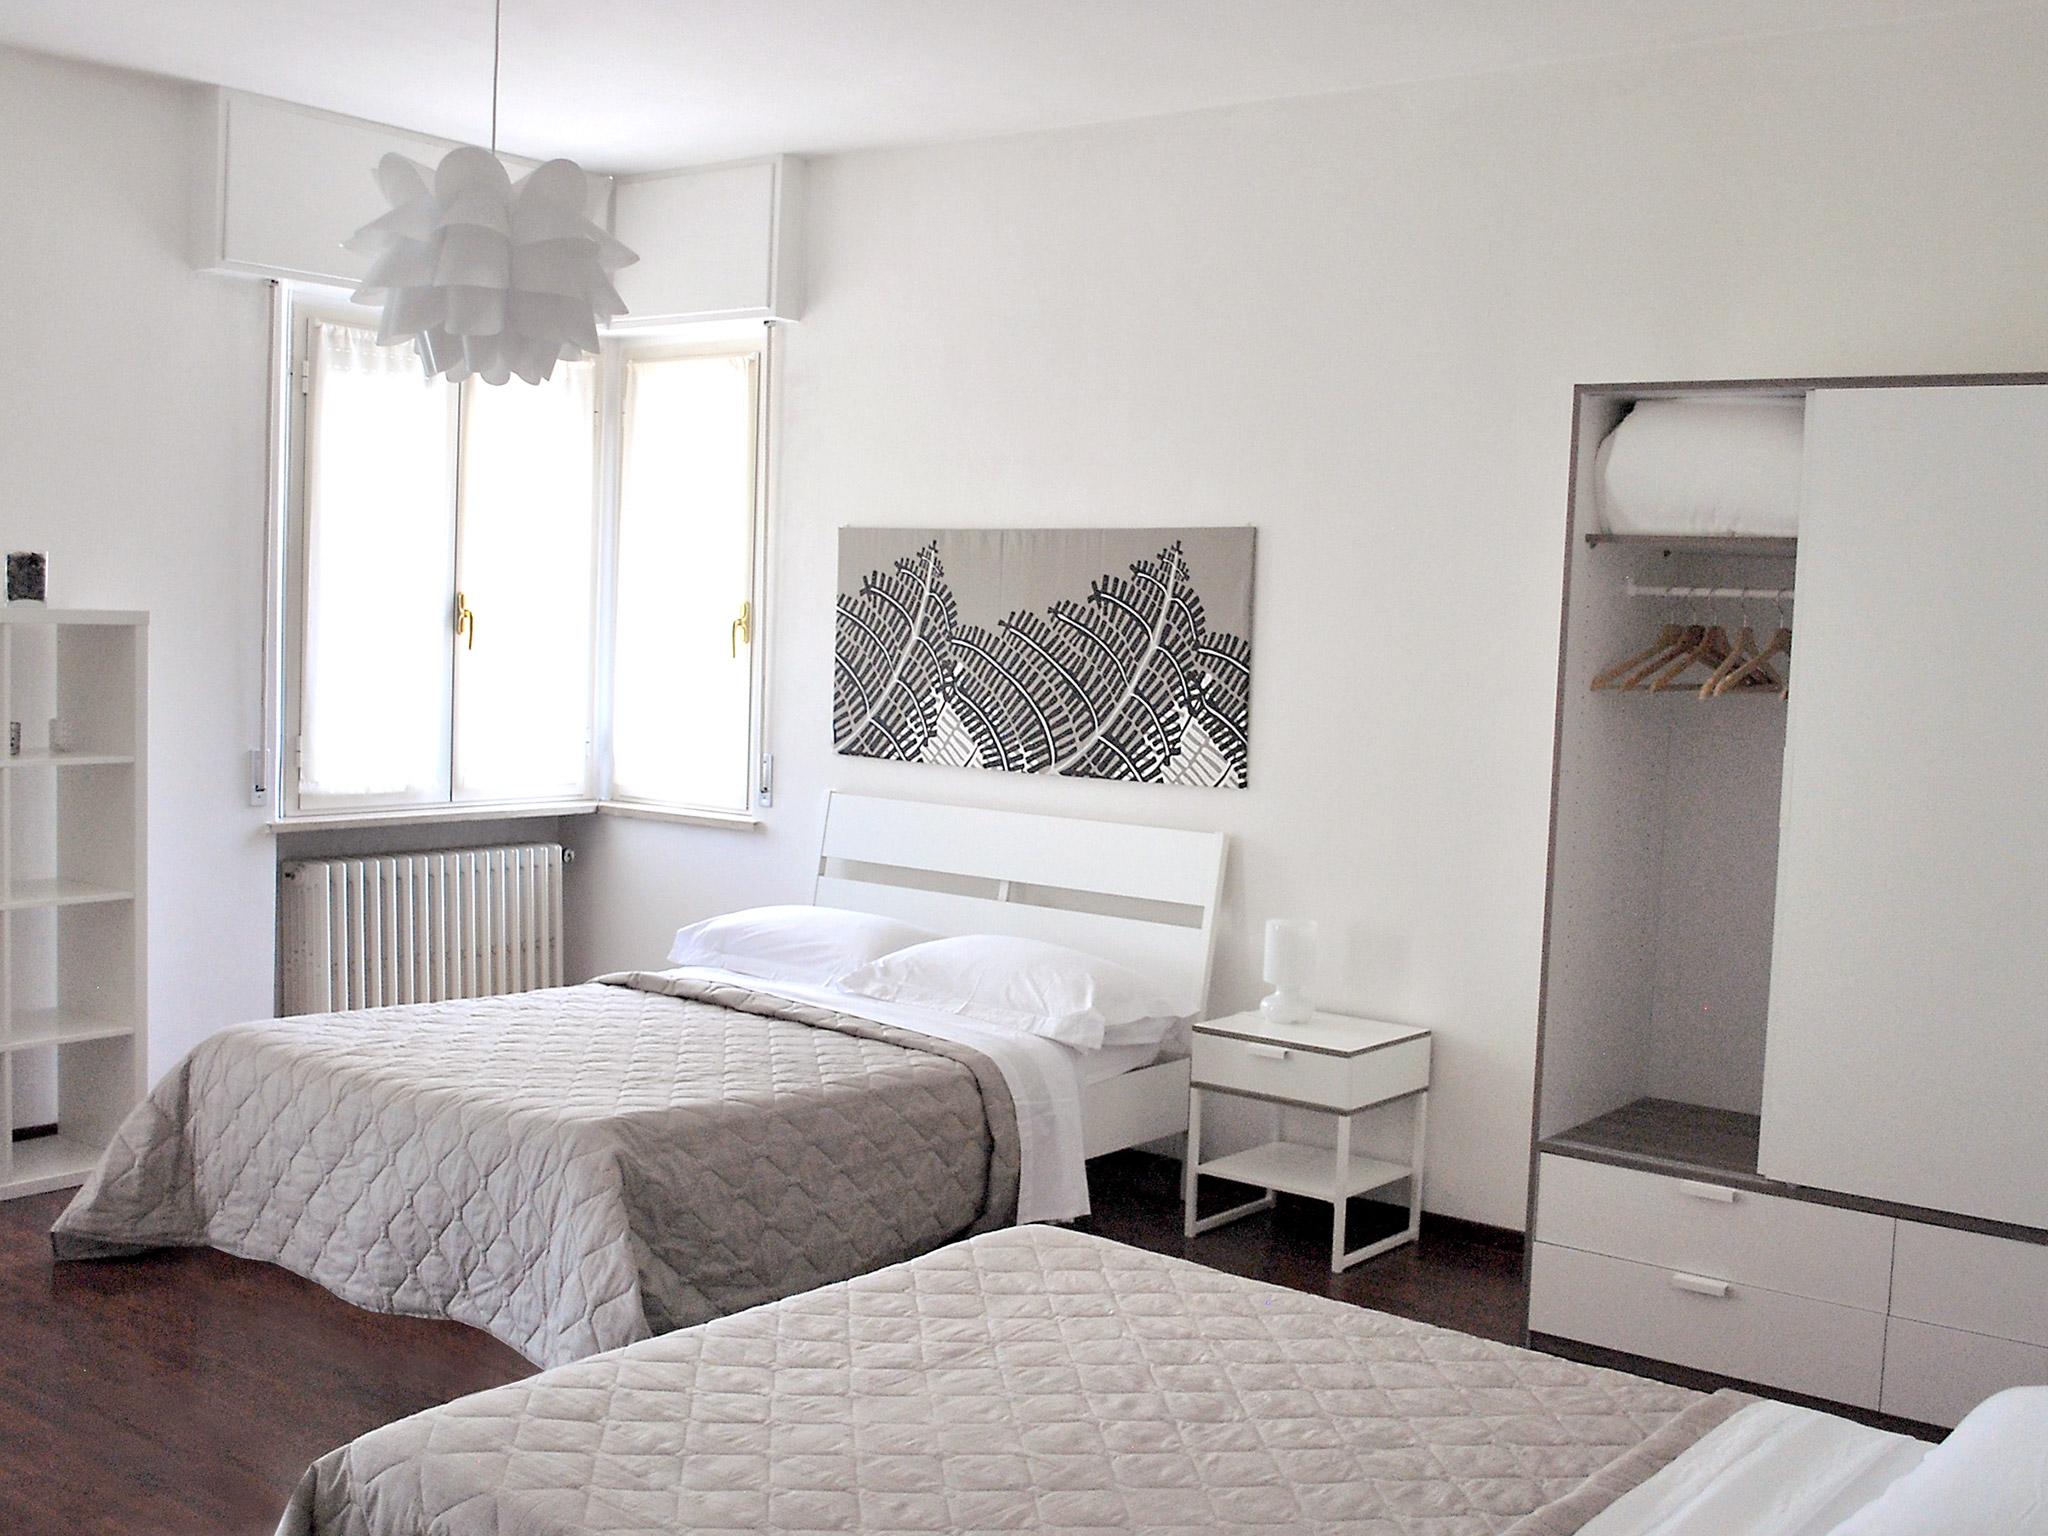 BB Villa Paradiso Urbino - Camera doppia (2 letti matrimoniali), tripla, quadrupla